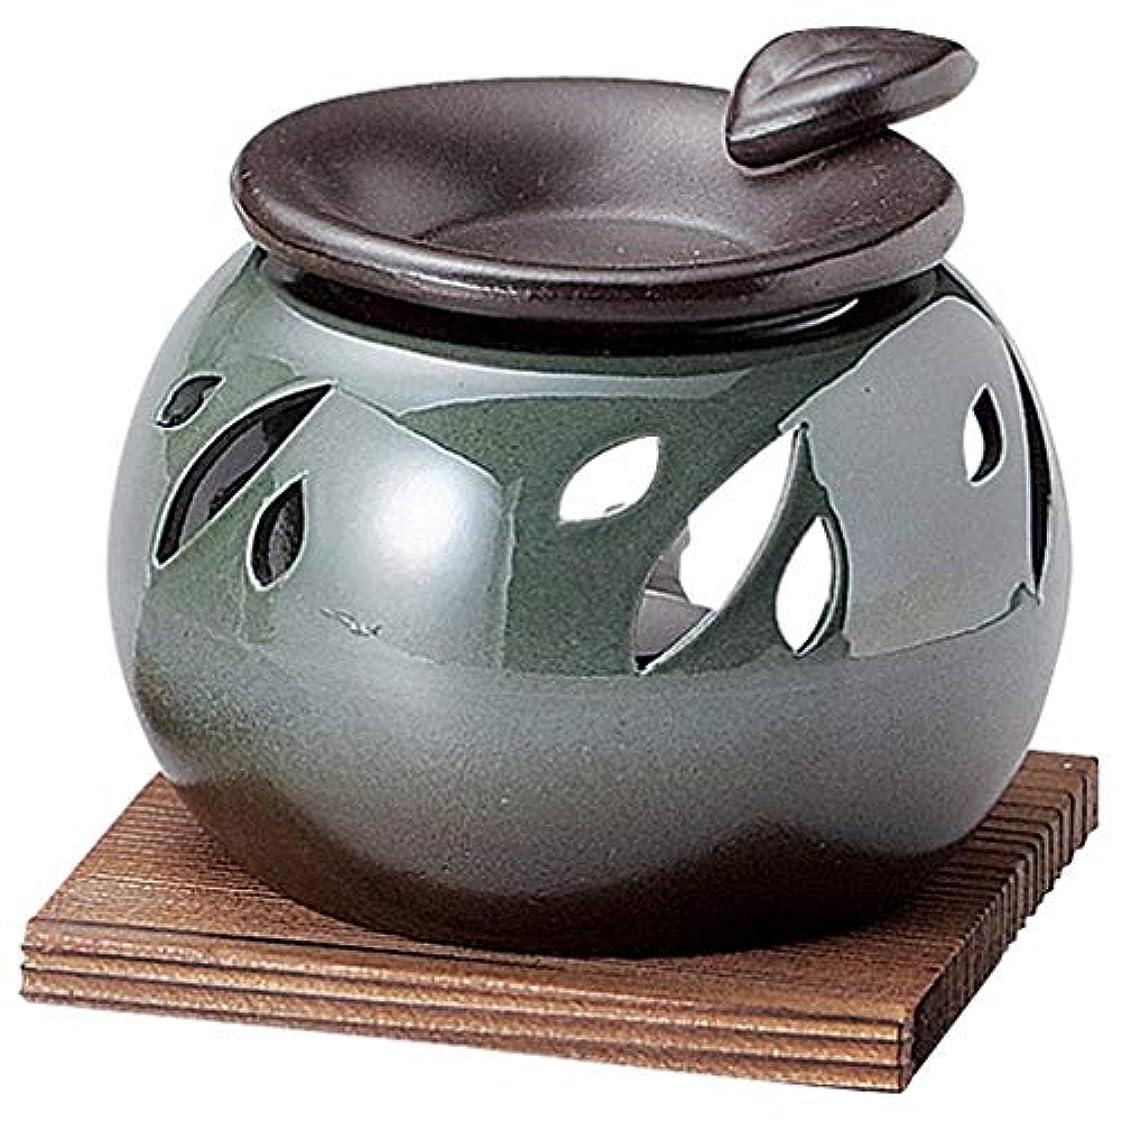 比率義務付けられたフラップ常滑焼 G1708 茶香炉  径10.5×高さ12cm